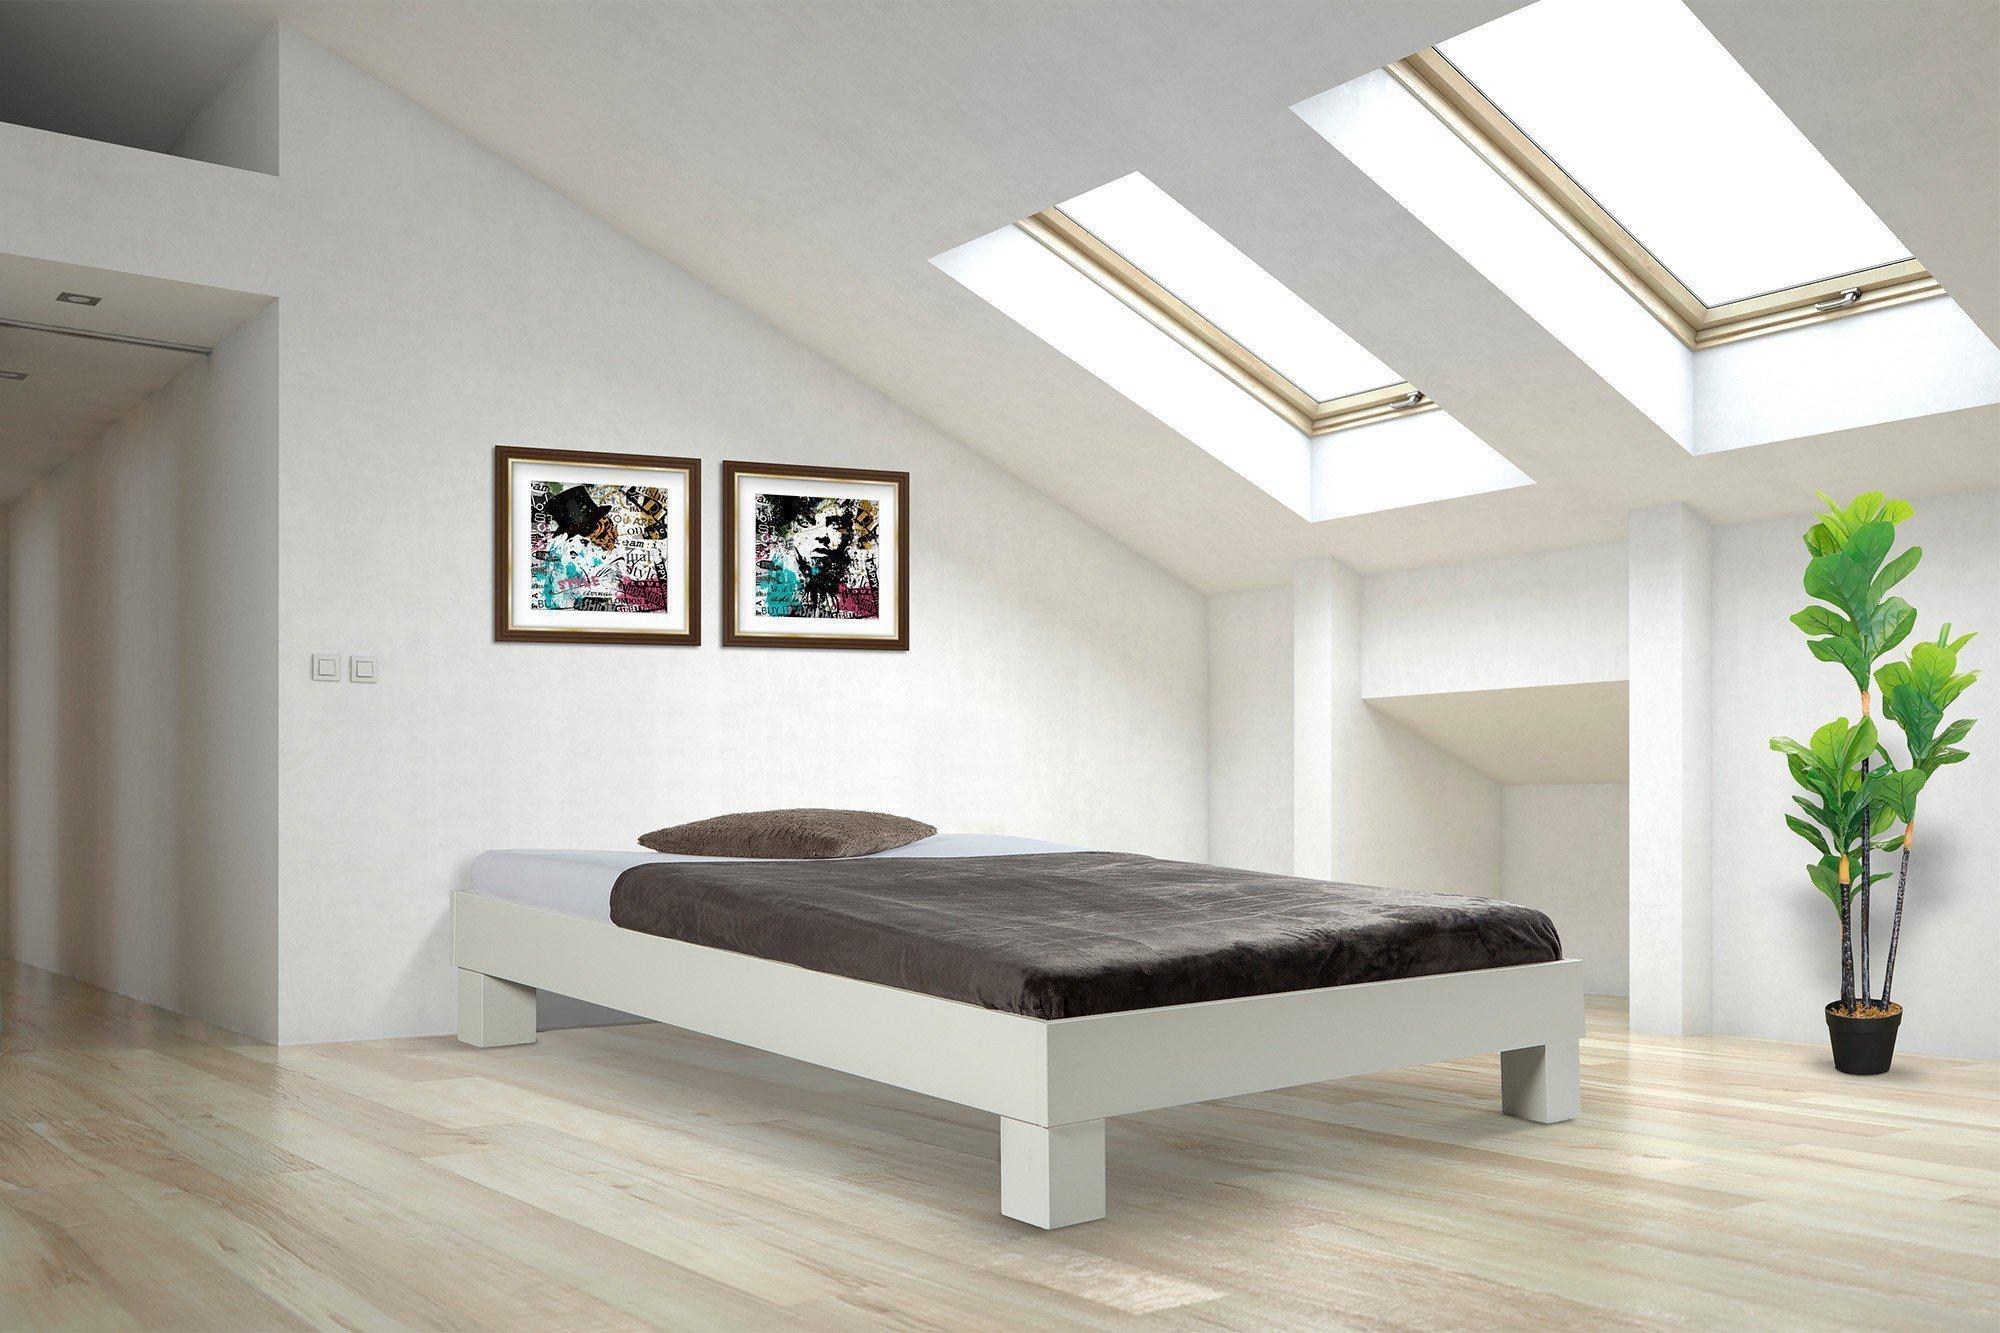 BED BOX Standard weißes Futon-Einzelbett lackiert | Möbel Letz - Ihr ...